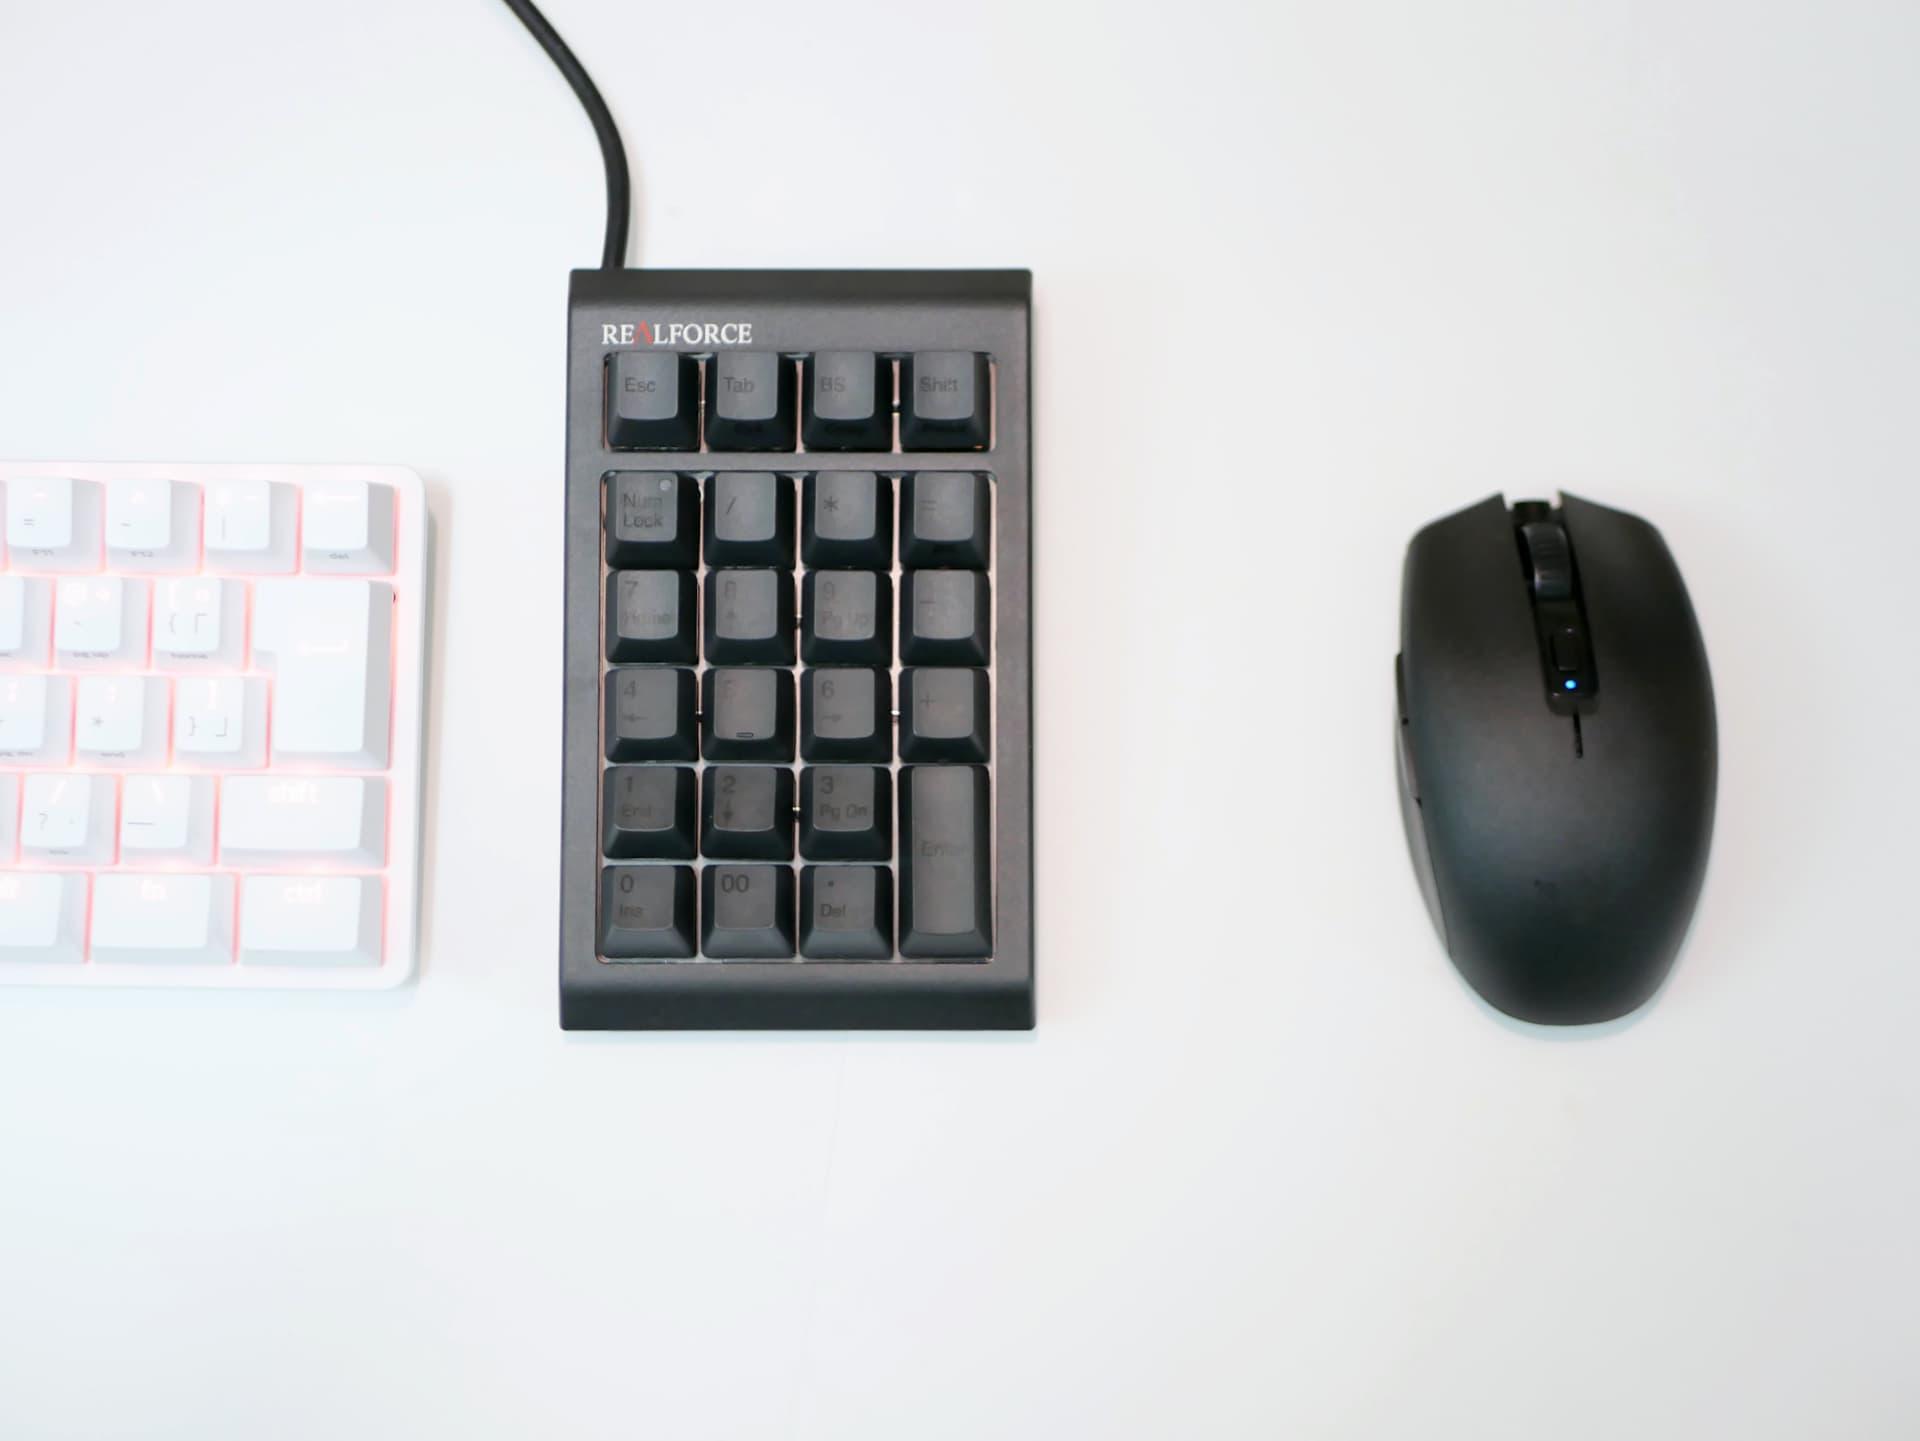 テンキーとマウス